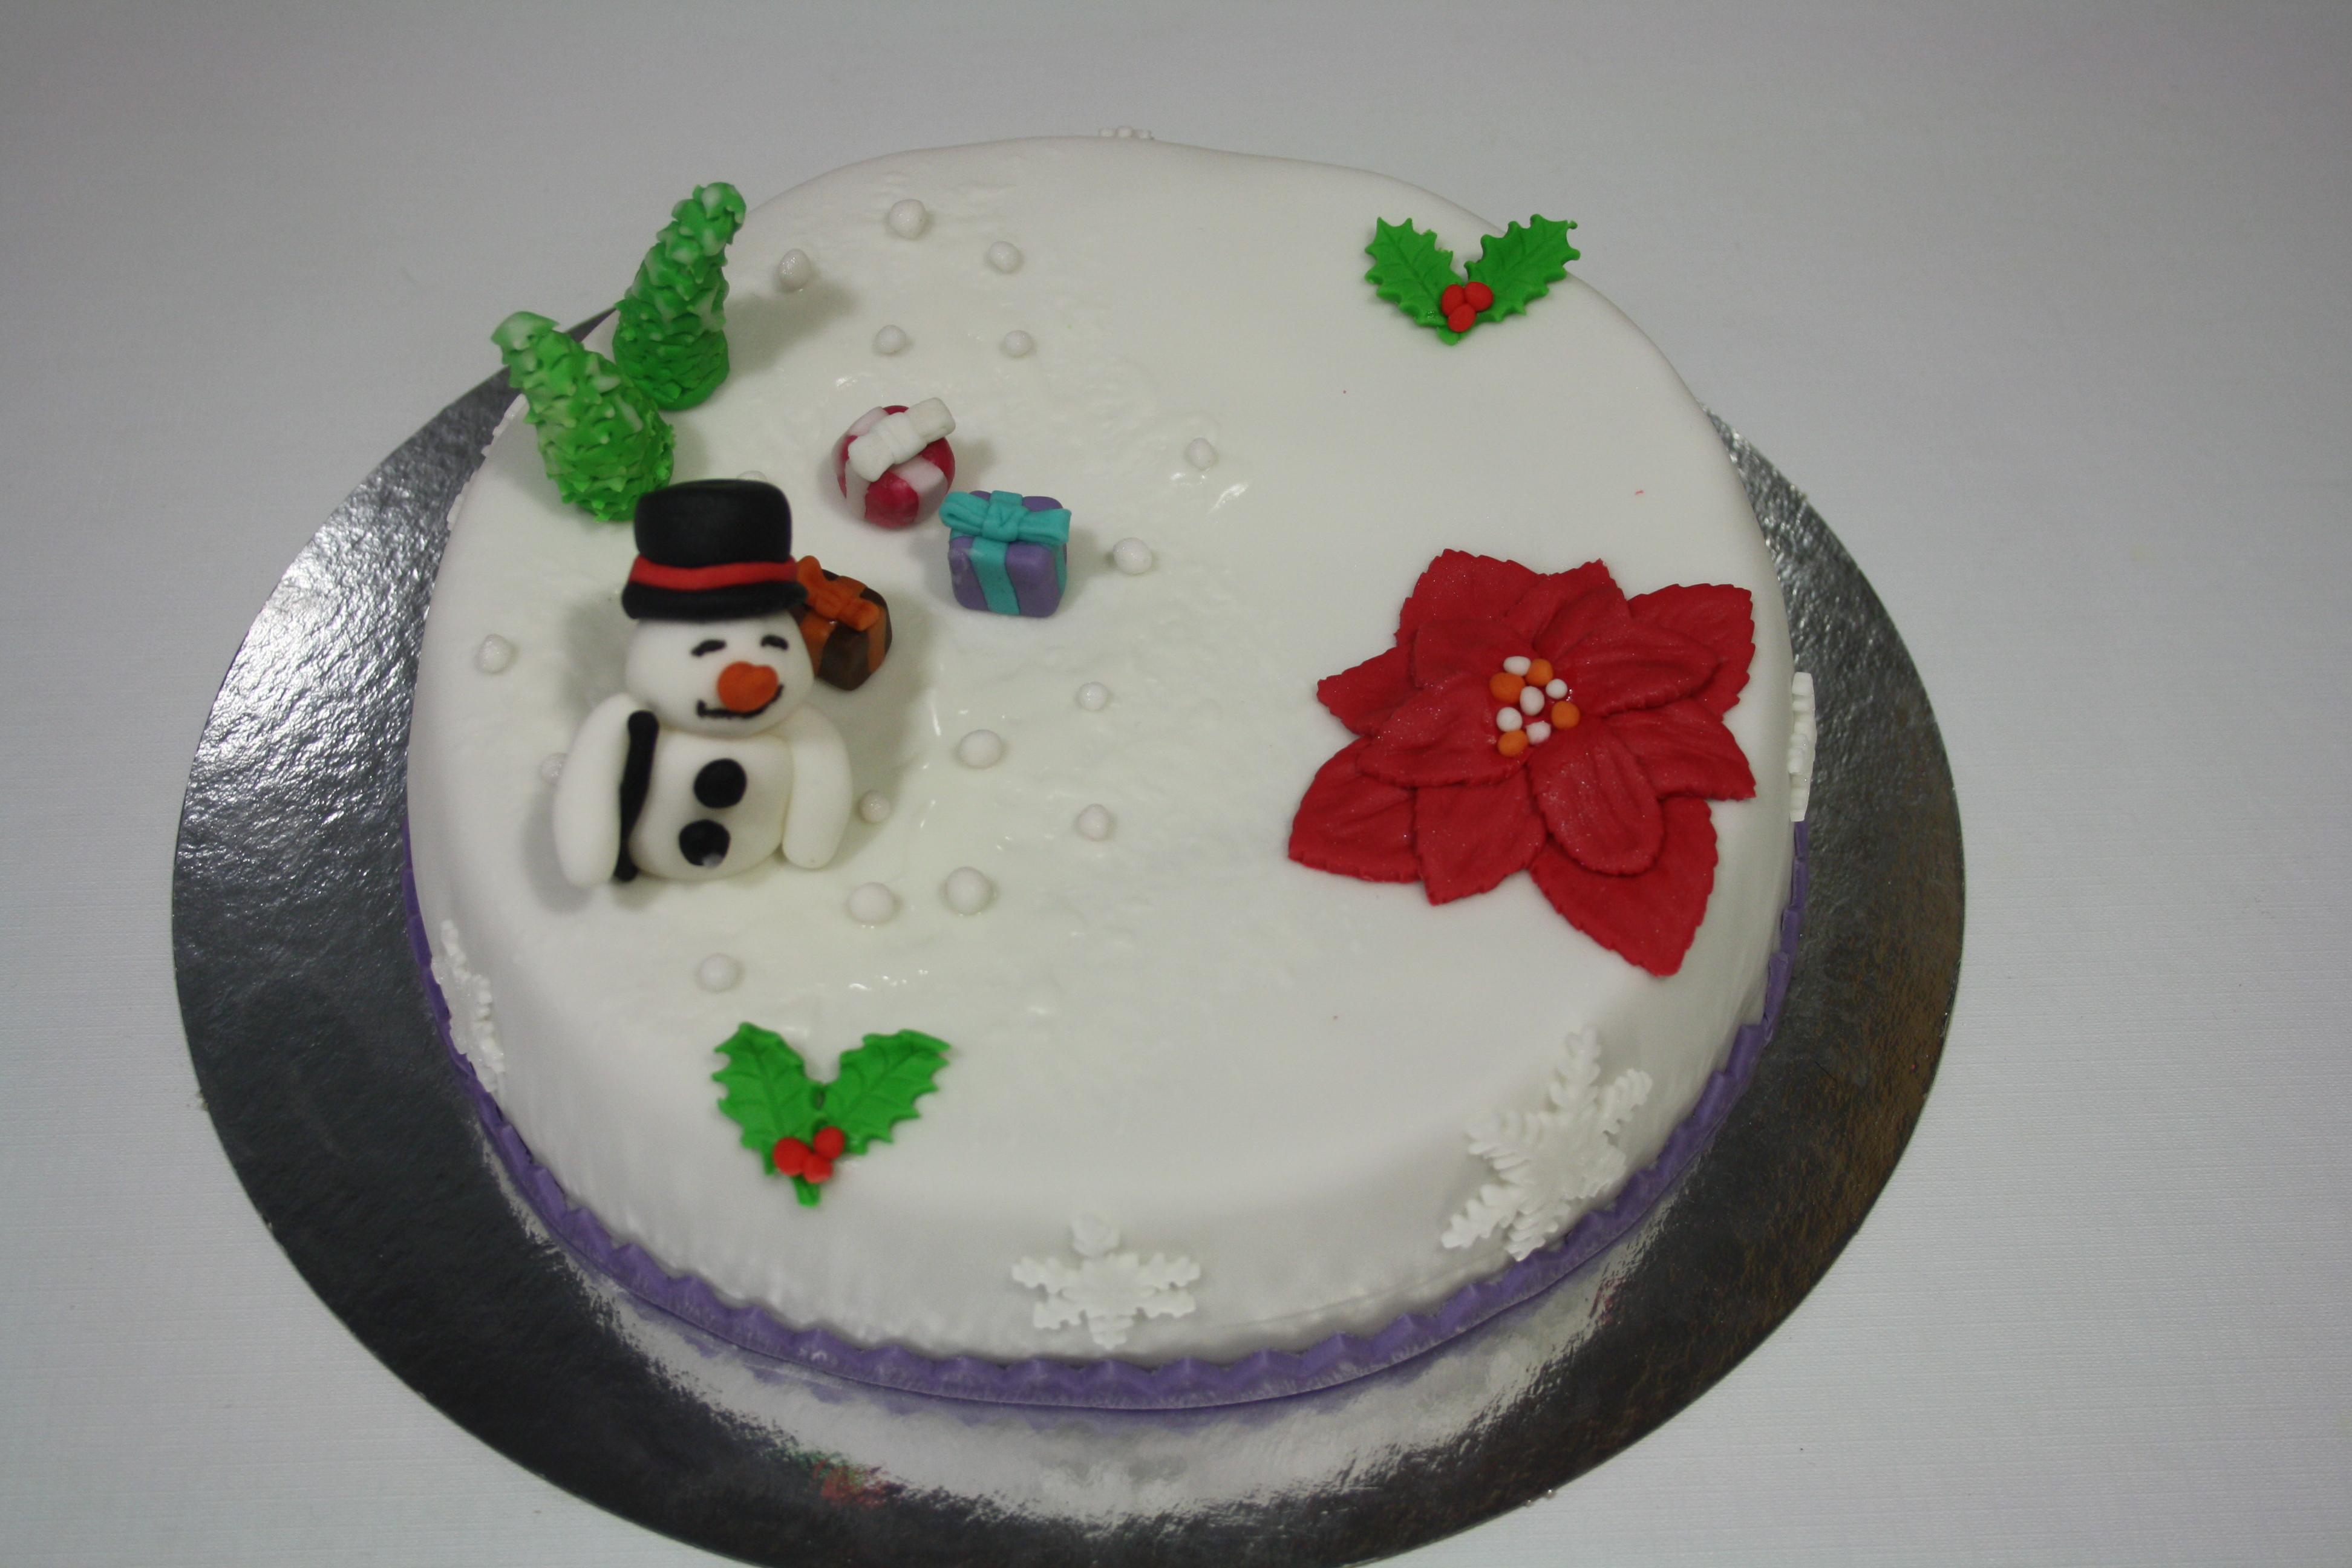 Tartas decoradas de Navidad.